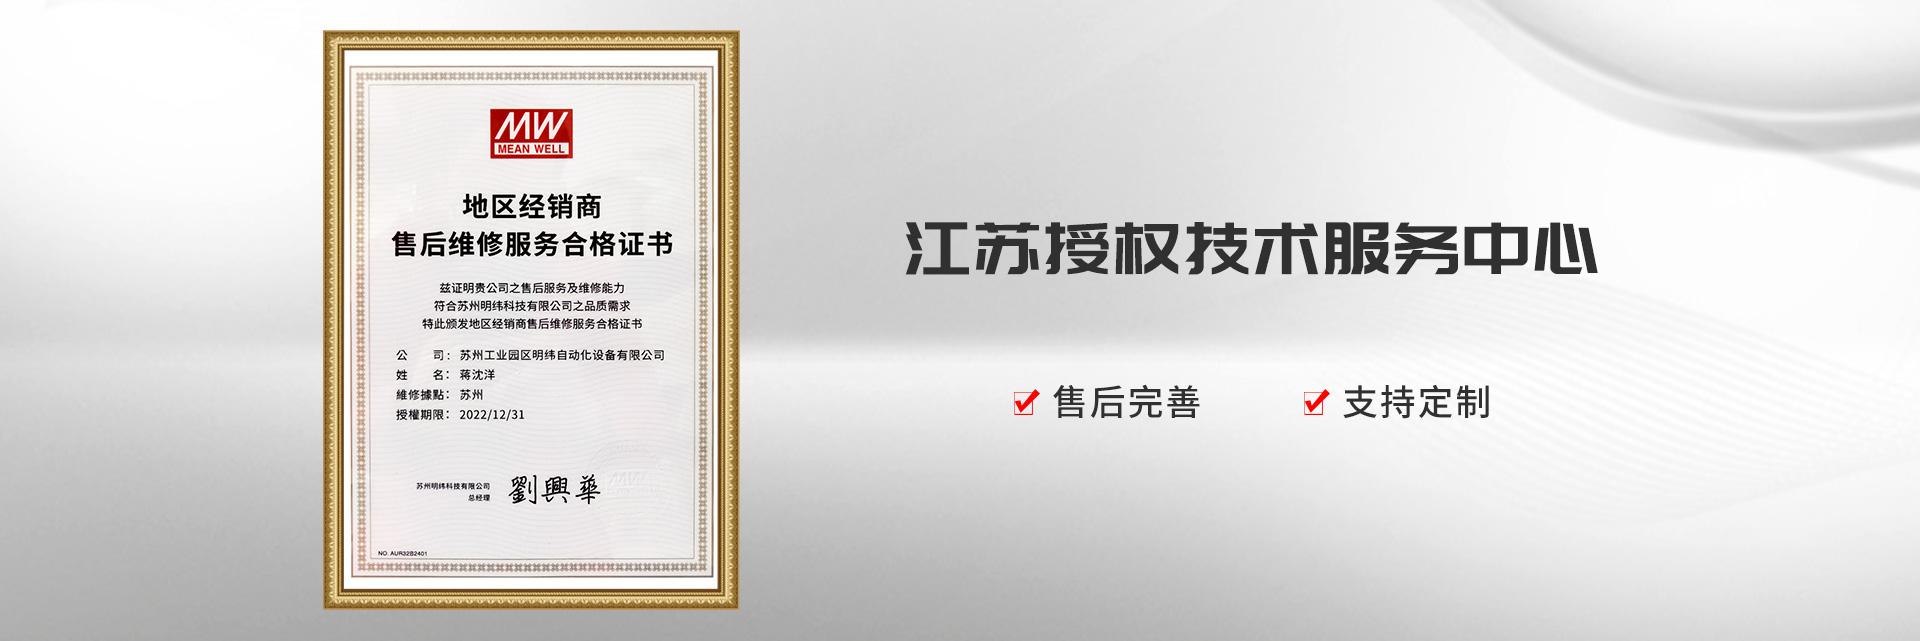 台湾明纬授予苏州明纬为江苏技术服务中心